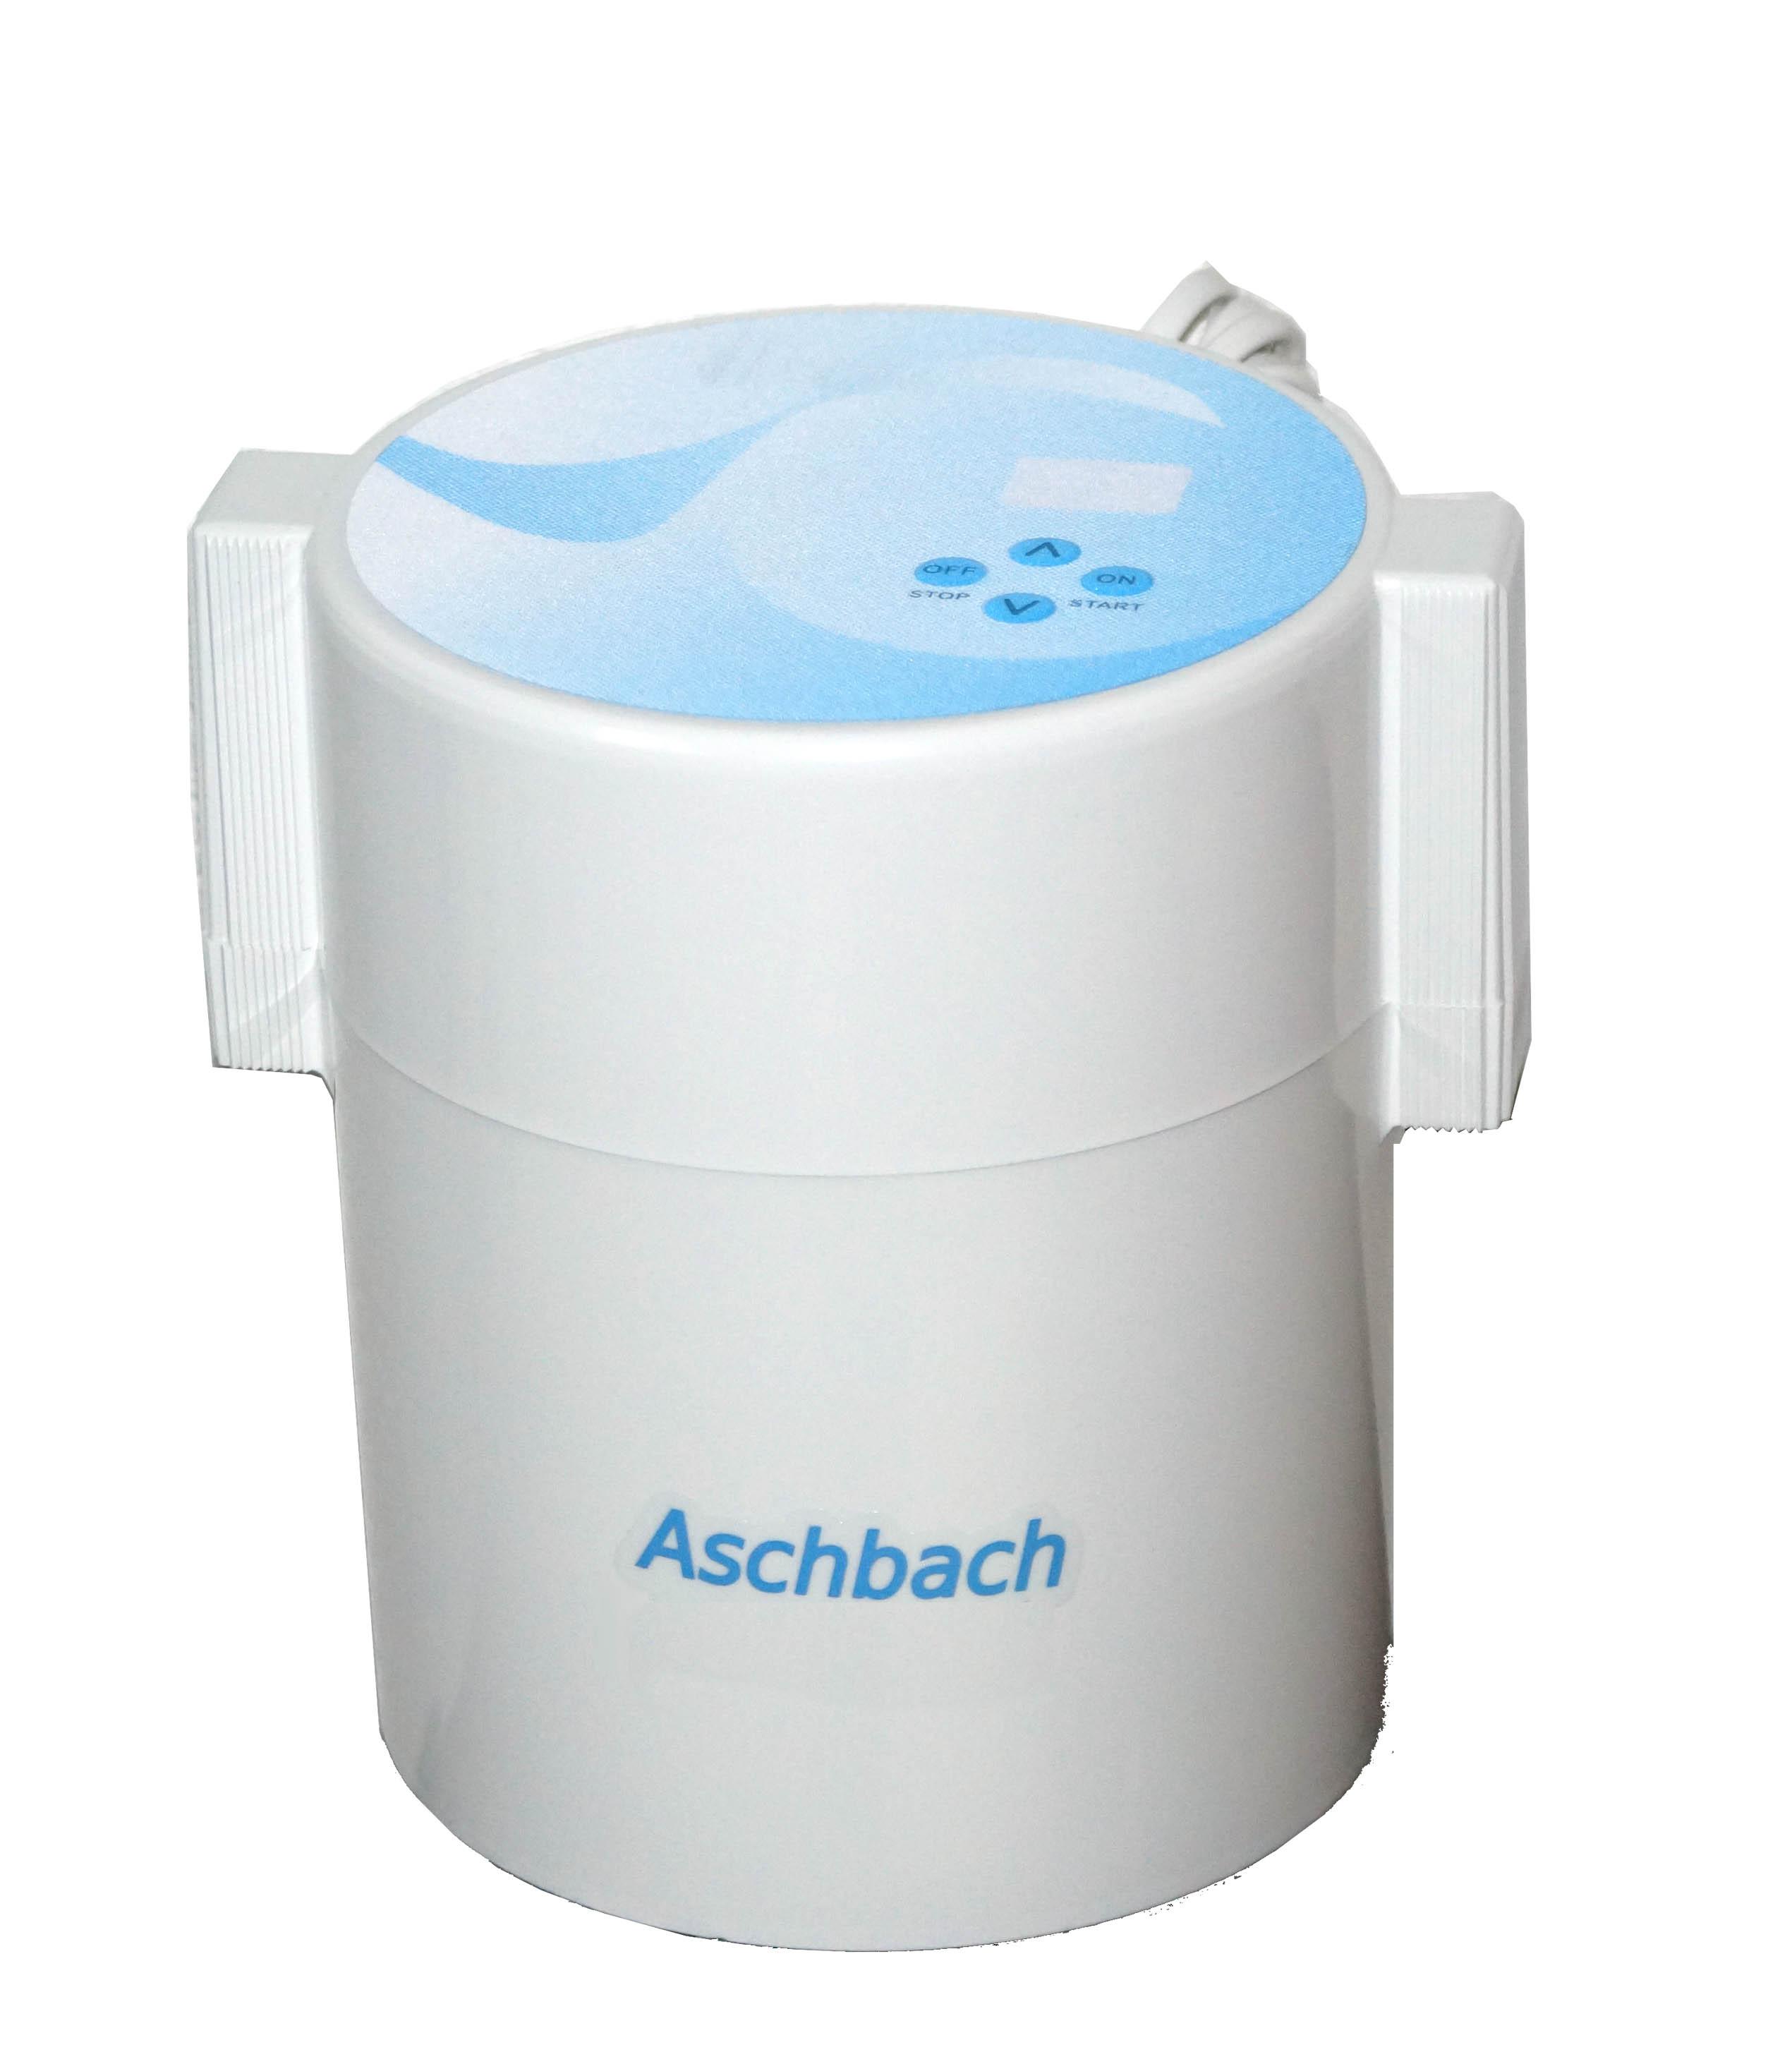 Ашбах 03